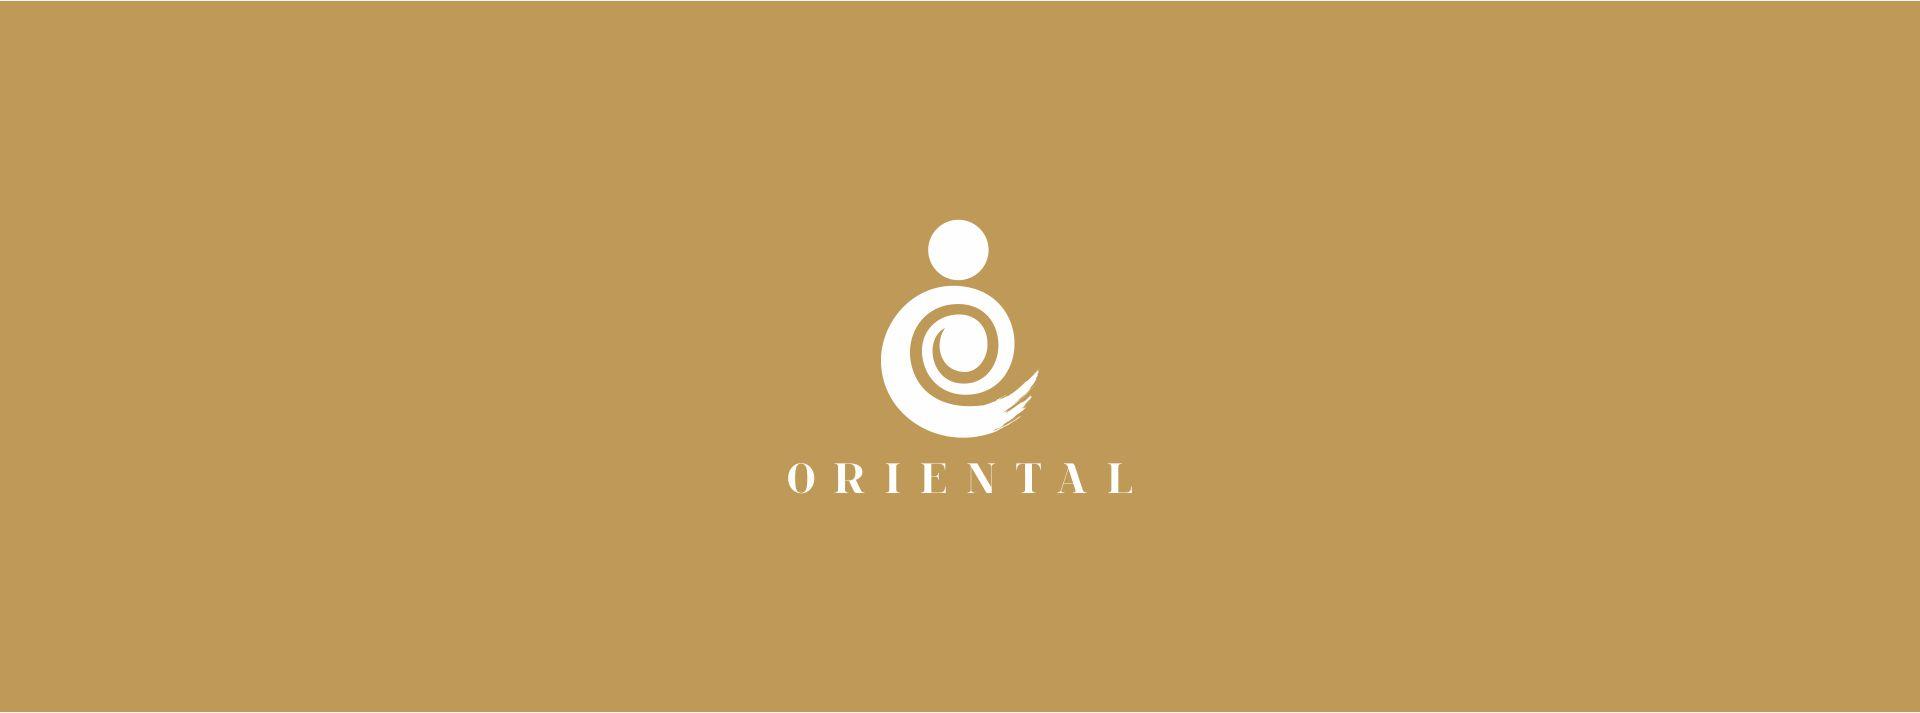 hotel logo design company in kargil